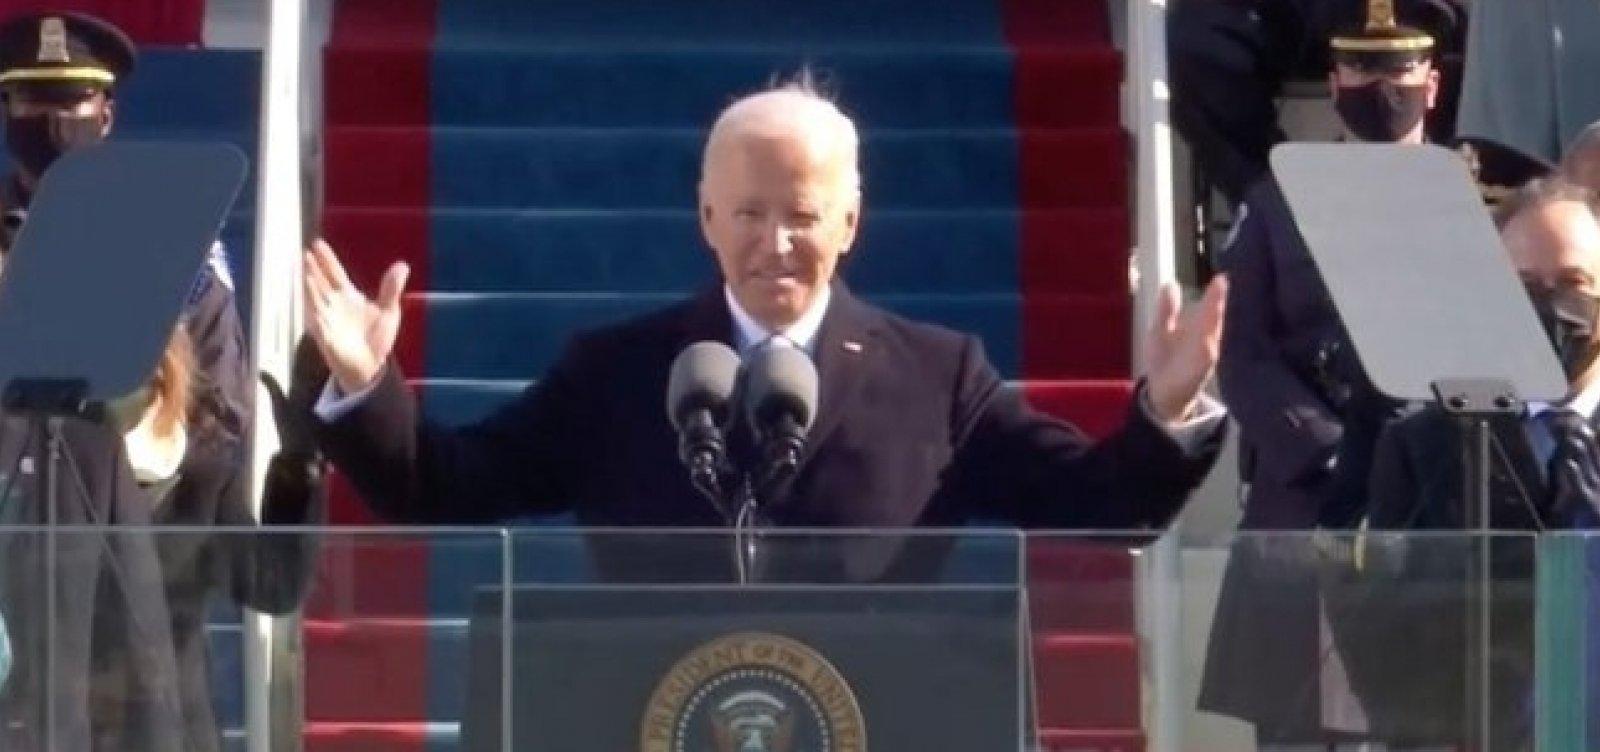 [Biden toma posse como presidente dos Estados Unidos ]